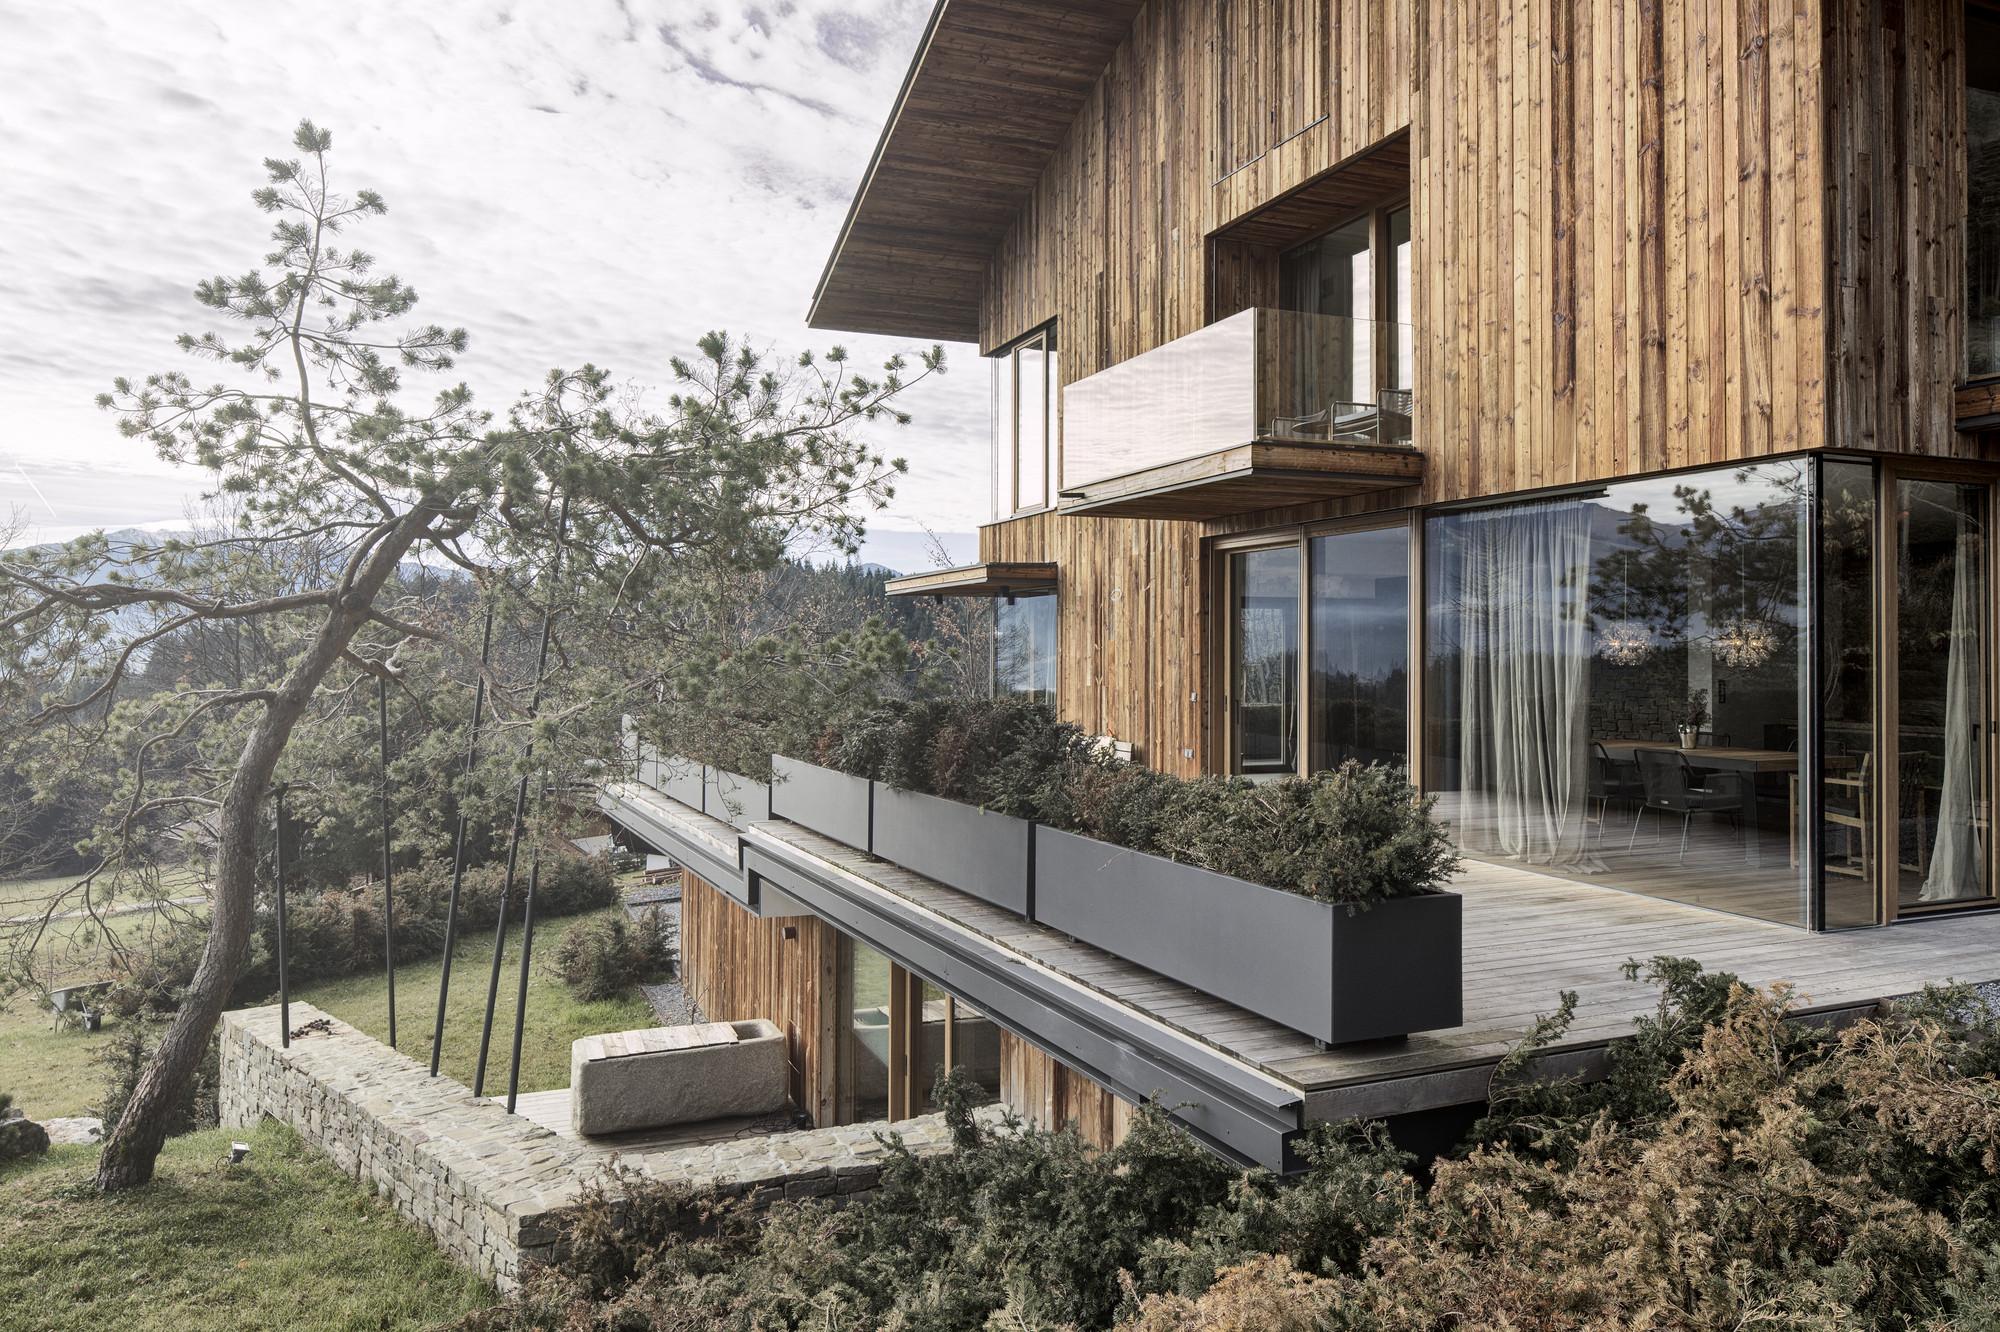 gallery of haus wiesenhof gogl architekten 3. Black Bedroom Furniture Sets. Home Design Ideas